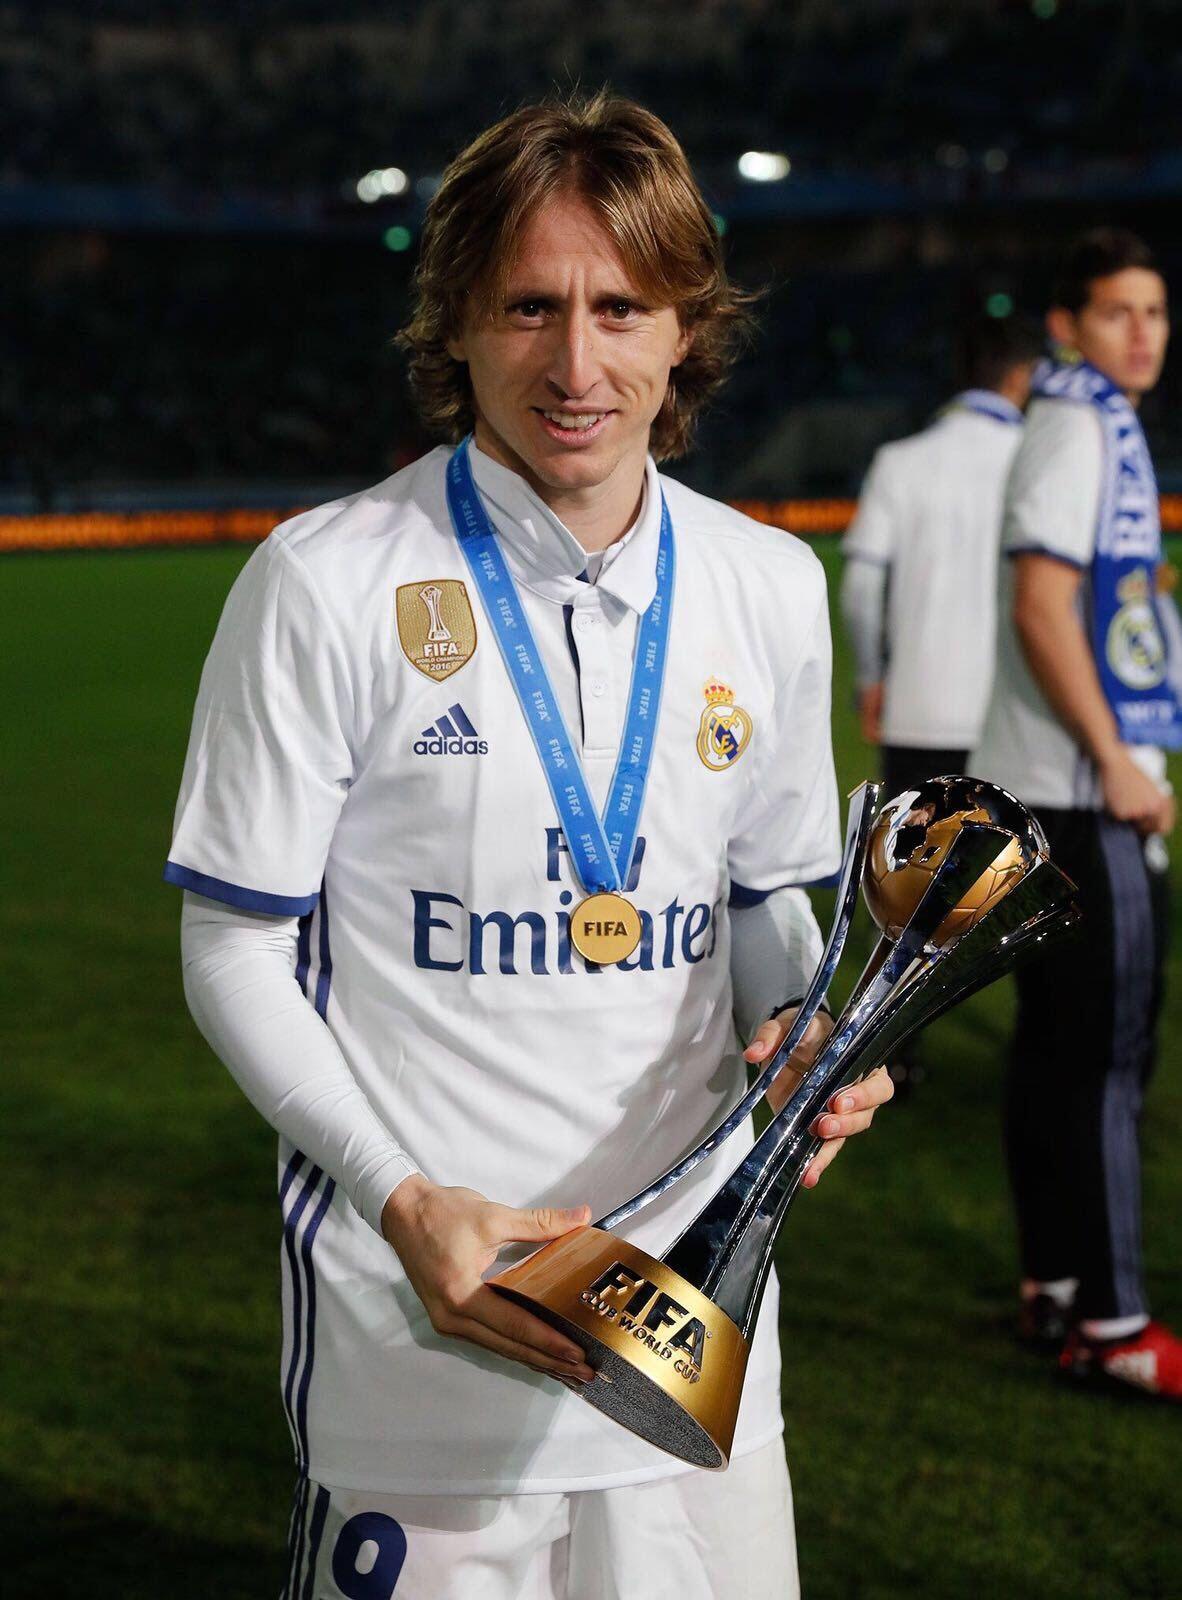 Luka Modric, Korban Perang yang Mendunia Melalui Sepak Bola